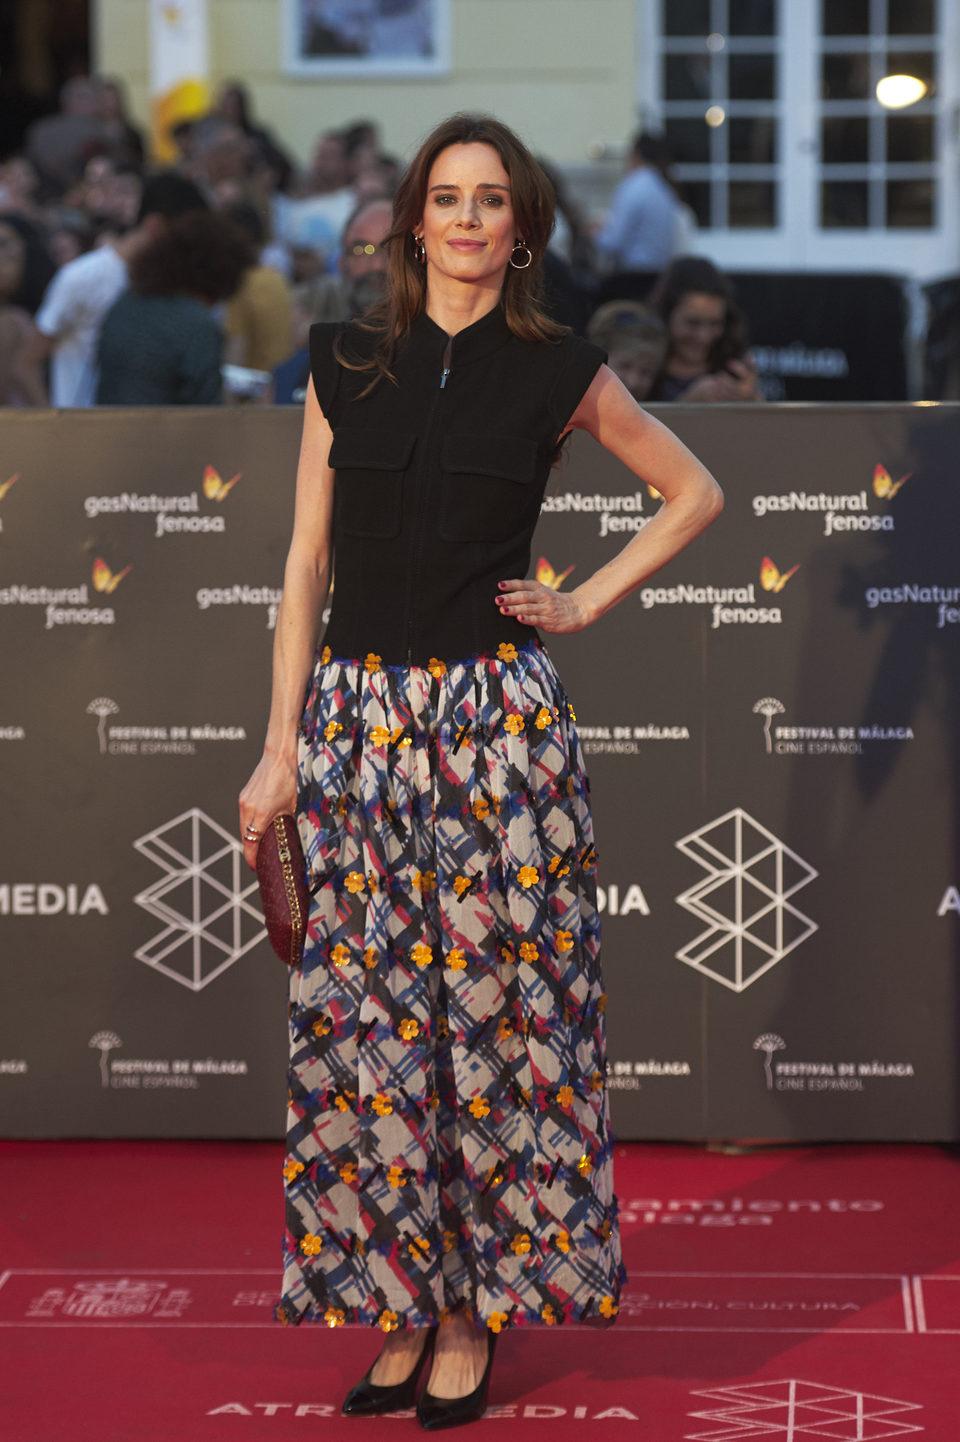 Pilar López de Ayala en la premiere de 'Rumbos' del Festival de Málaga 2016